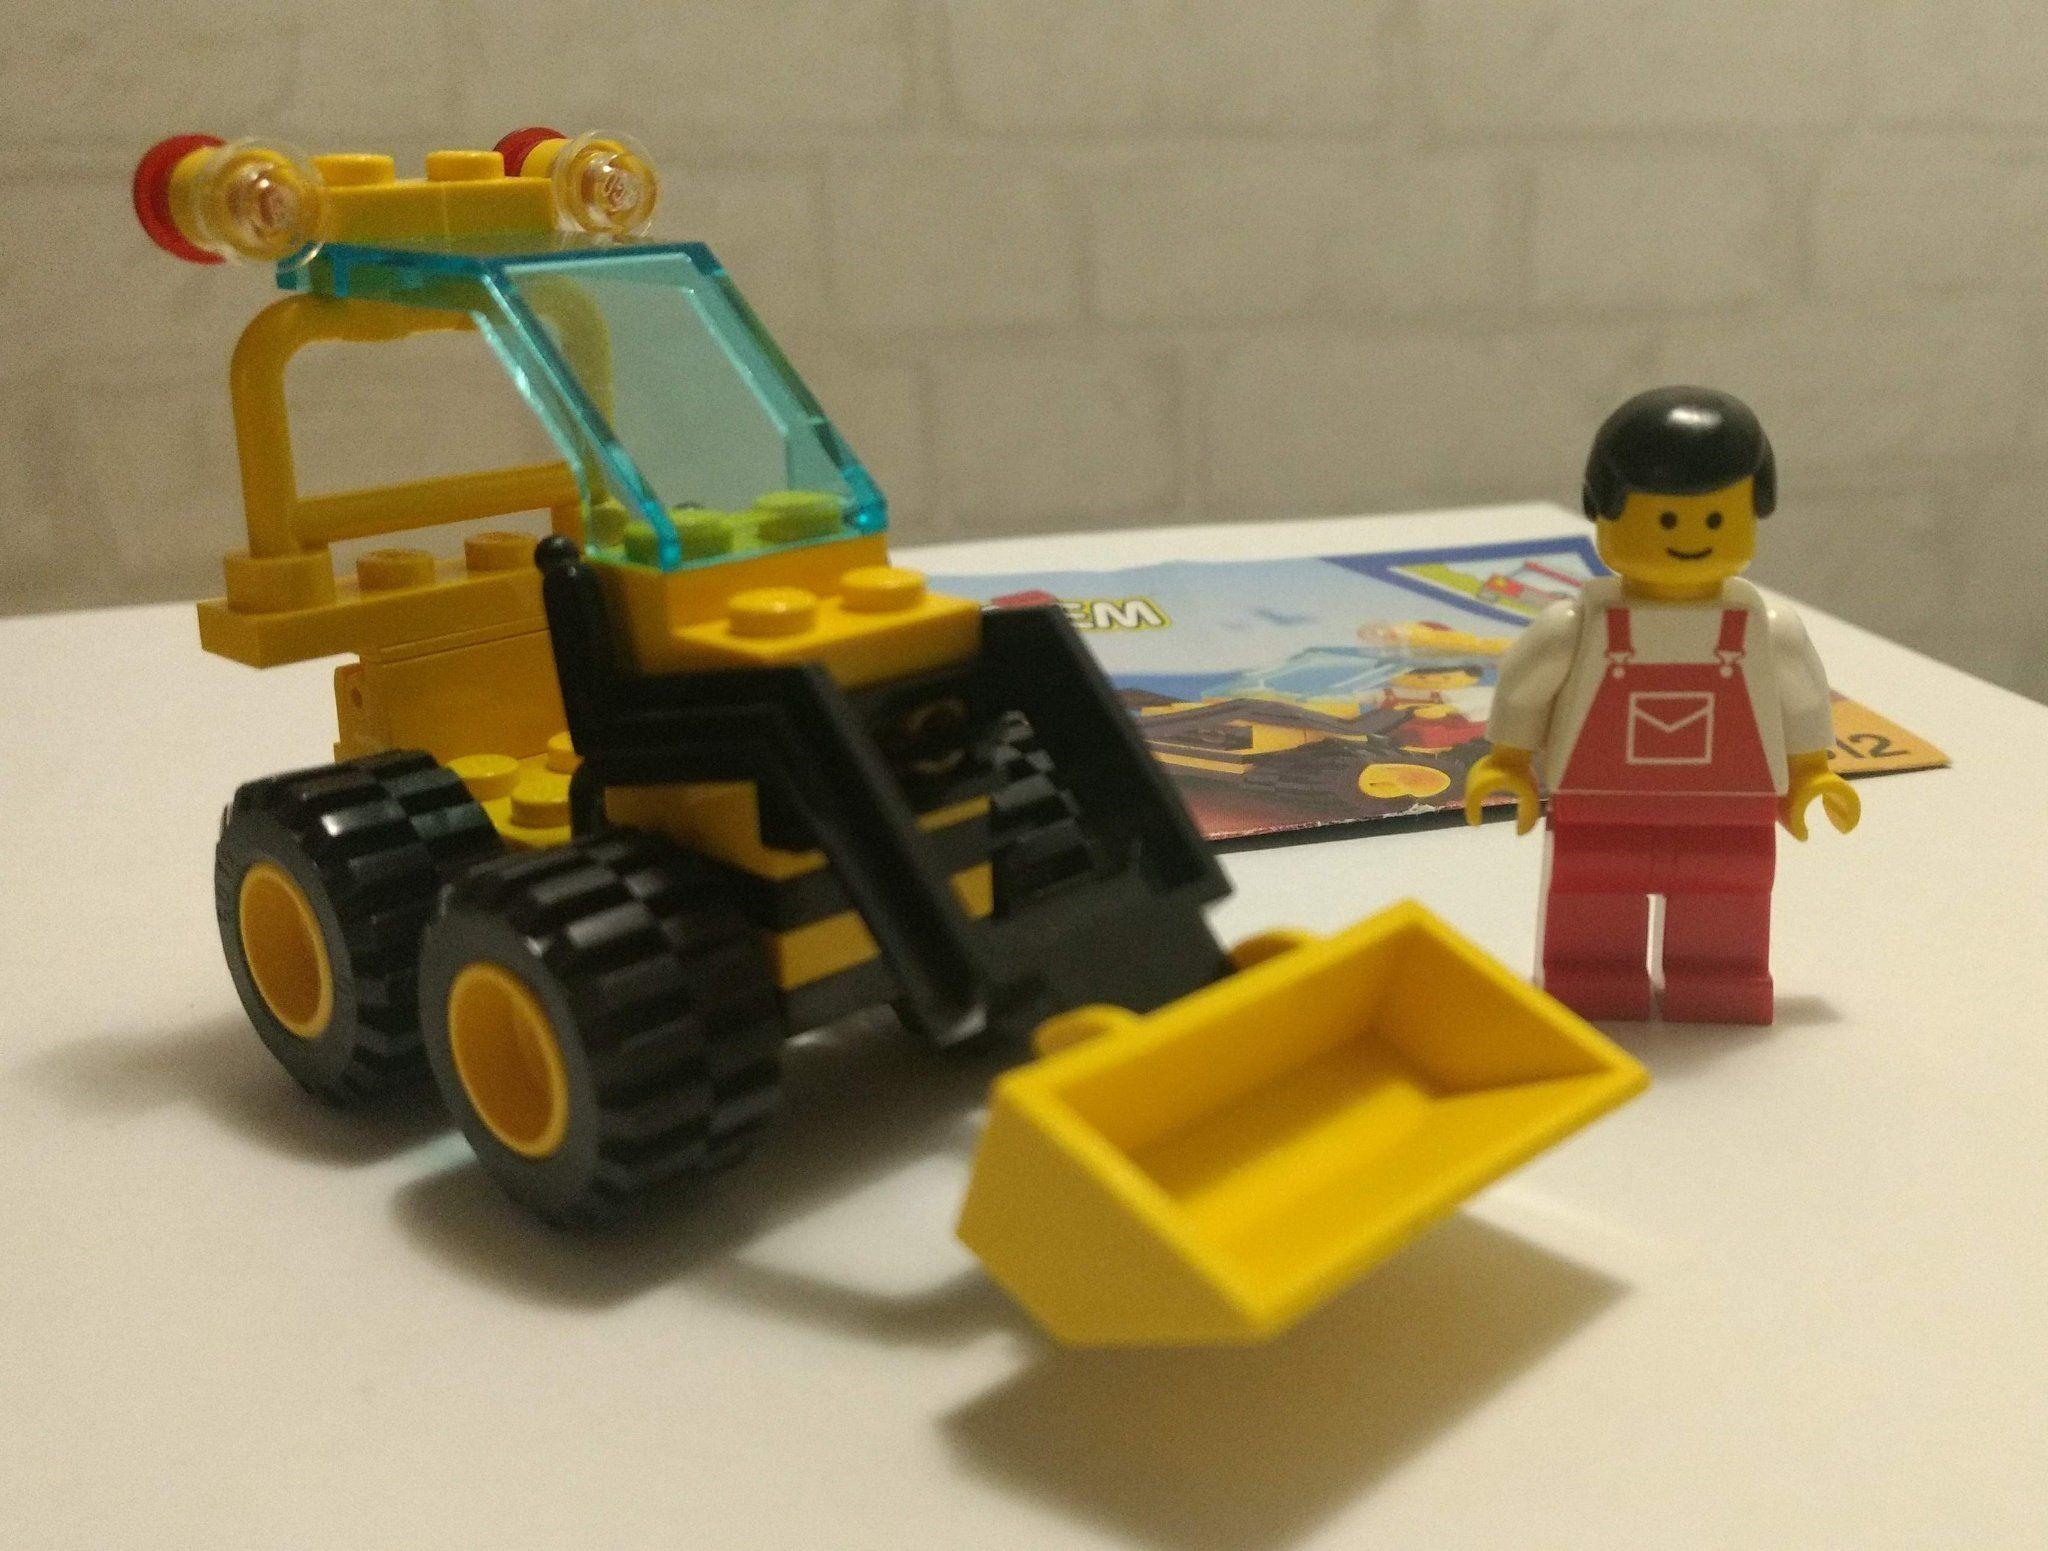 LEGO 4865 @@ Panel 1 x 2 x 1 @@ BLACK @@ NOIR